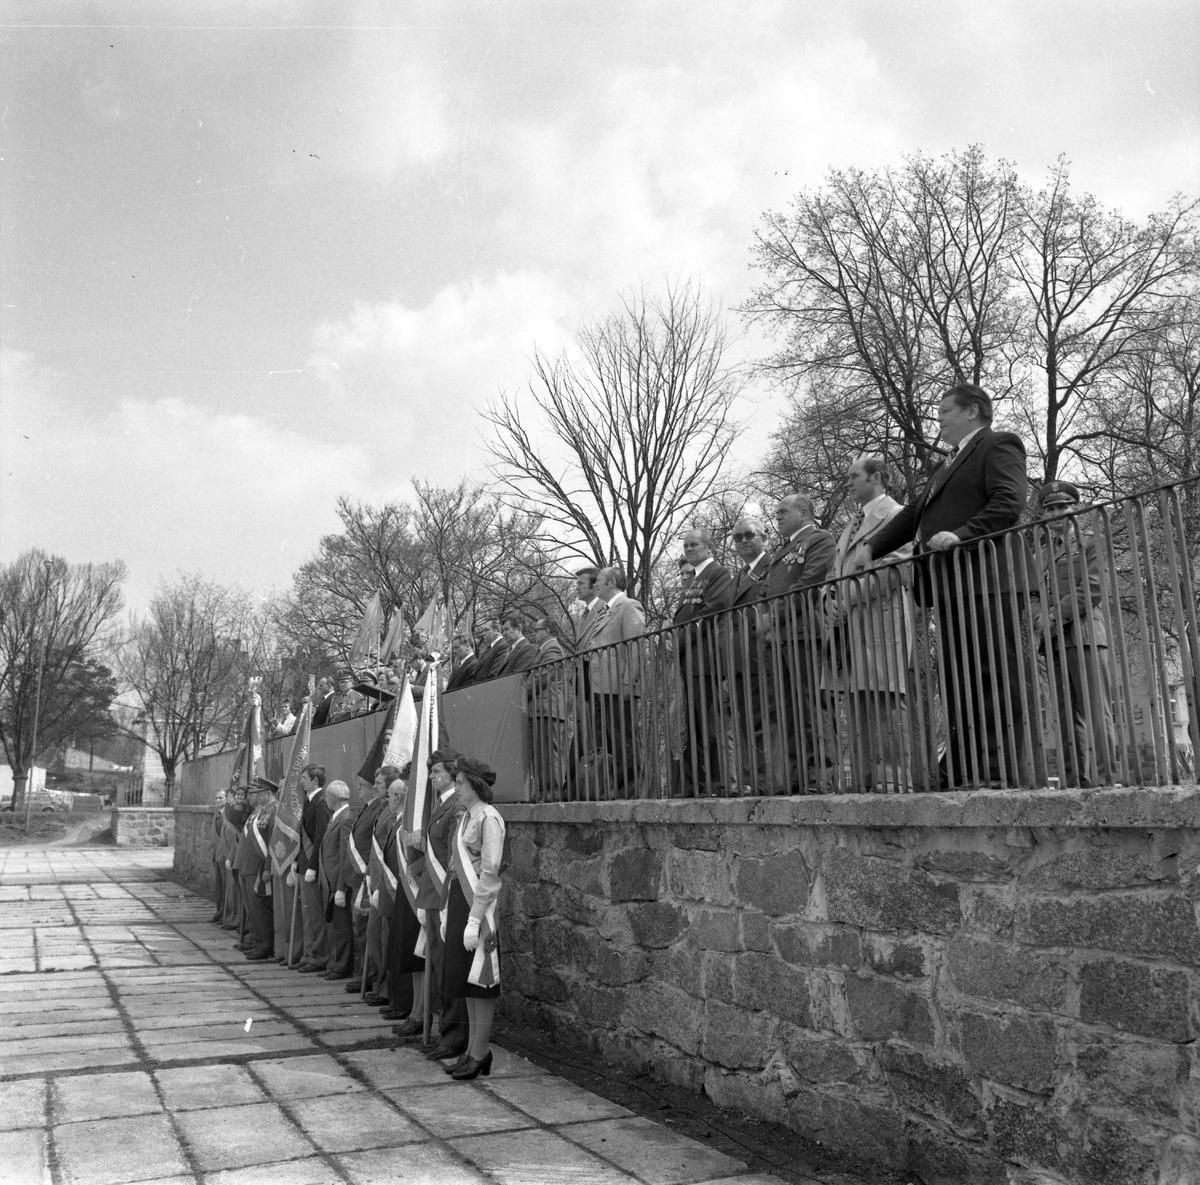 Uroczystość odsłonięcia pomnika żołnierzy radzieckich [9]